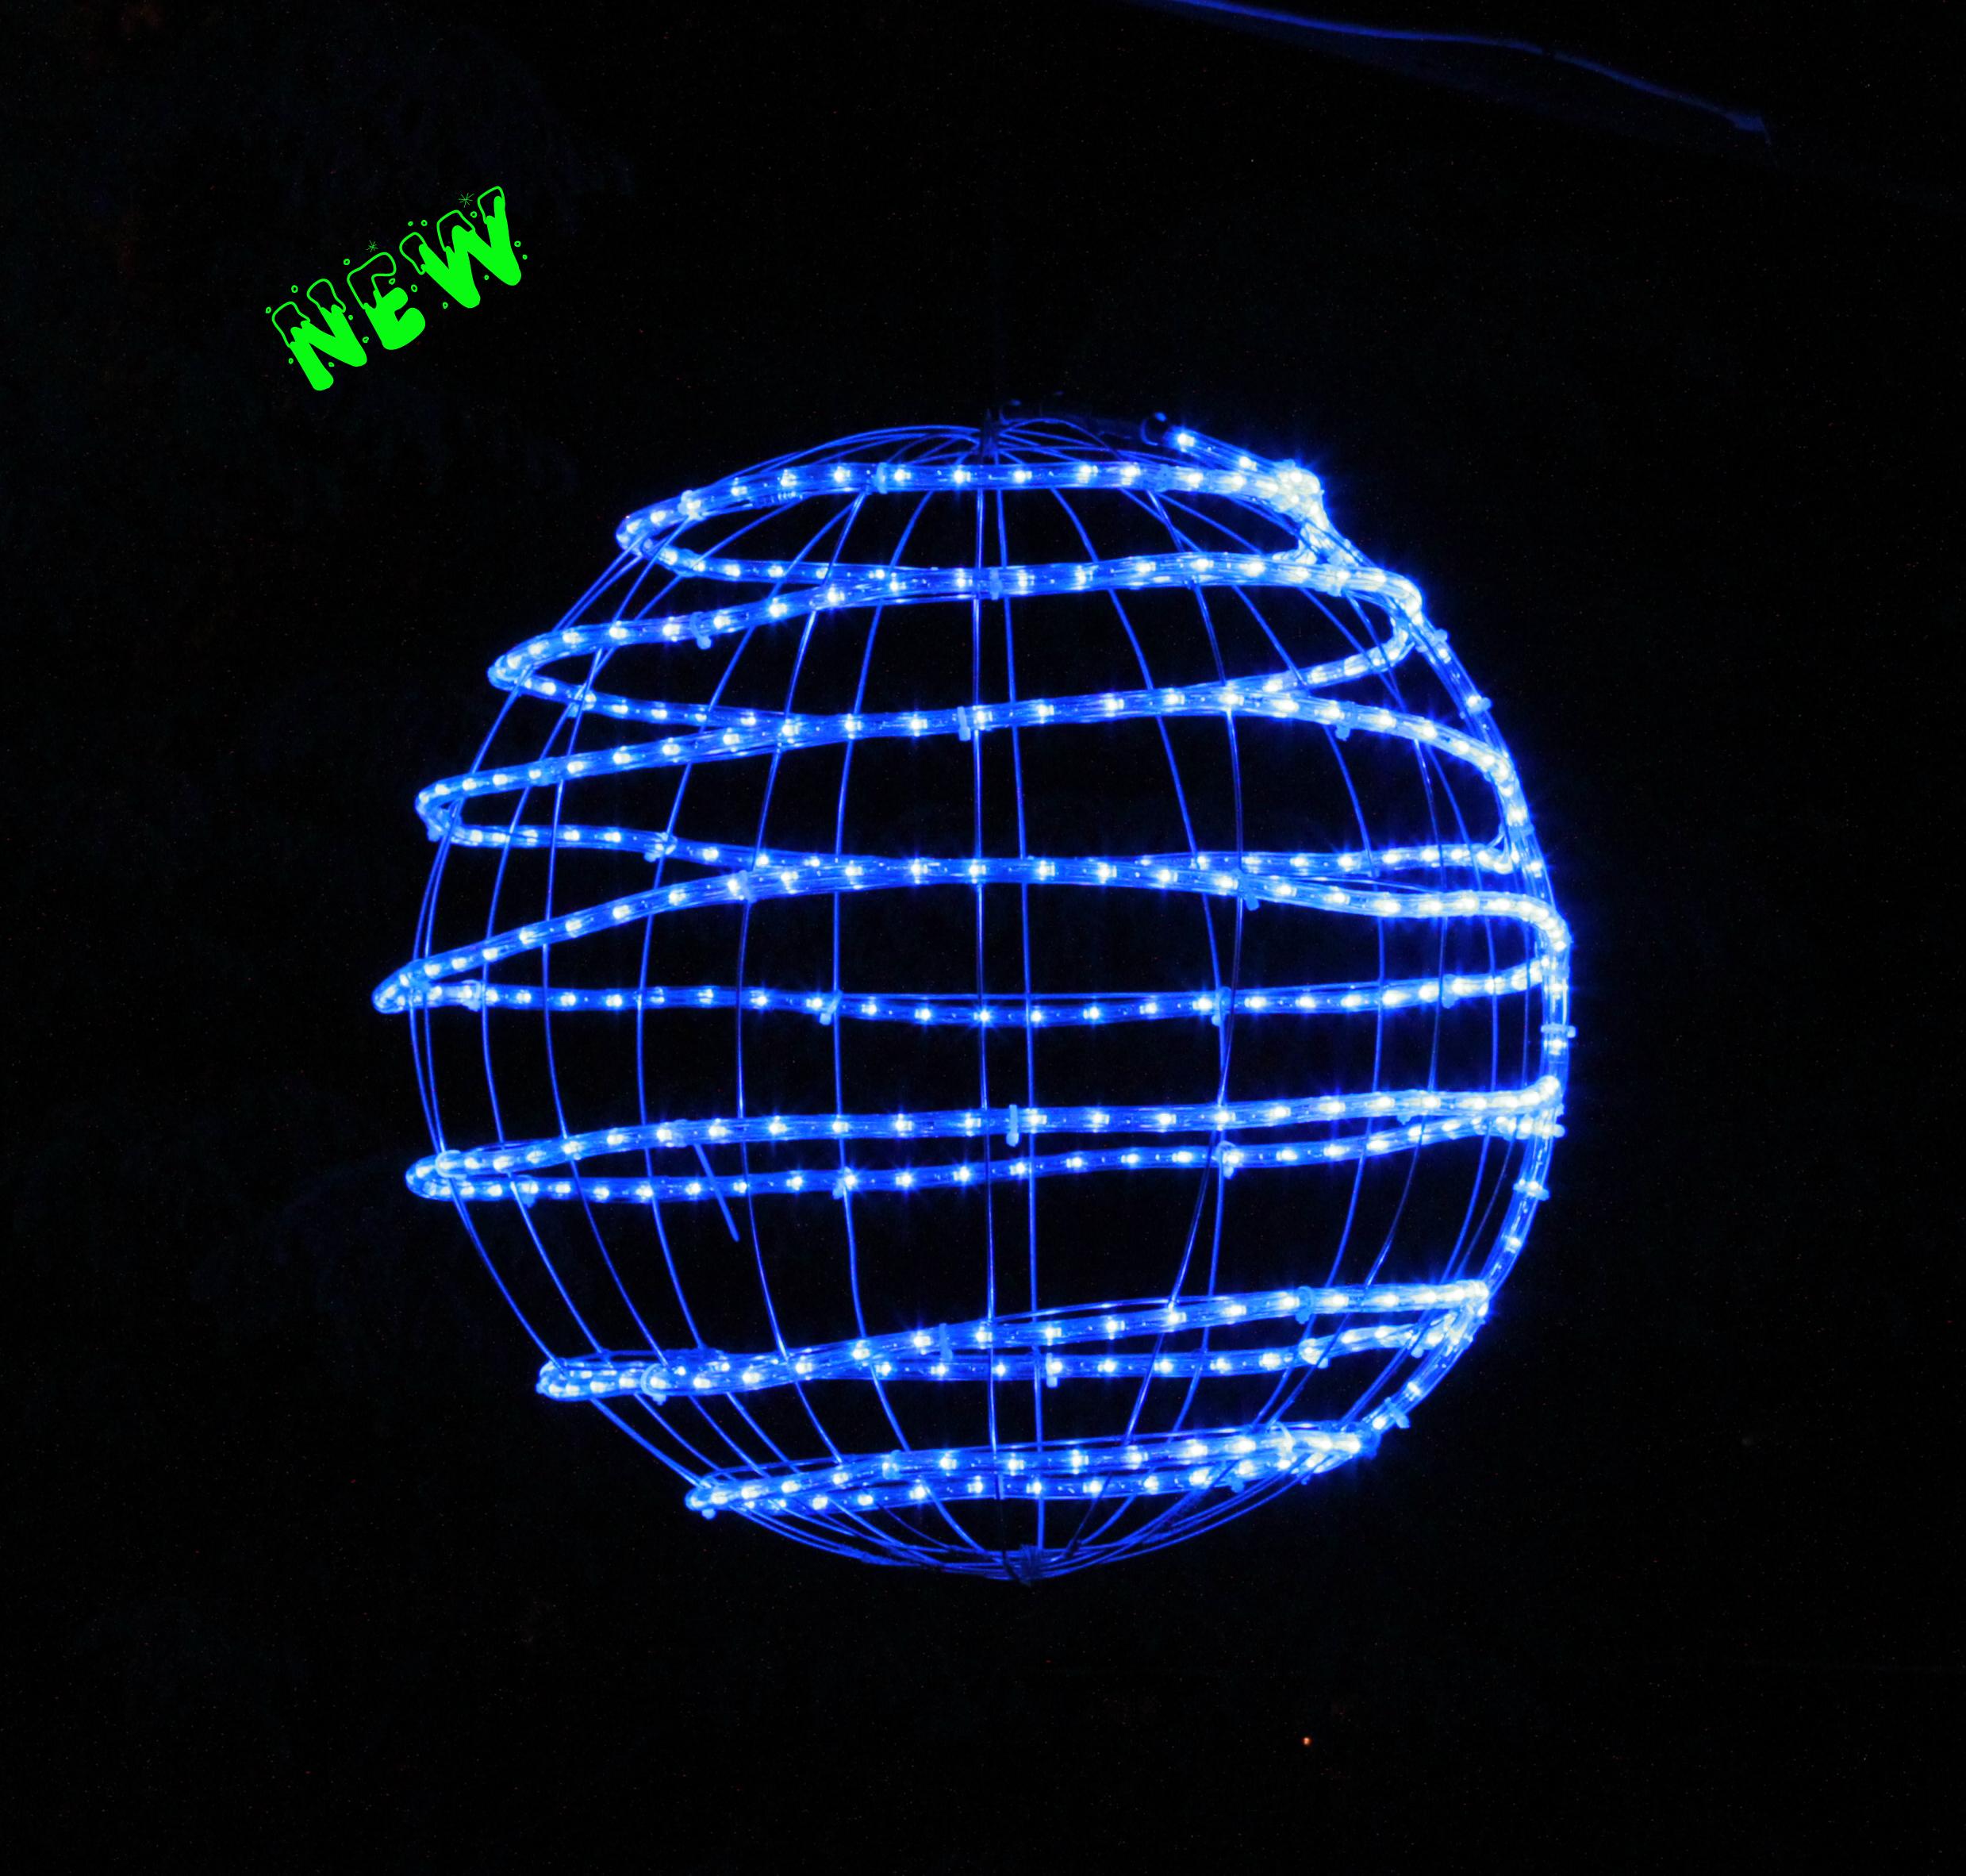 3d Led Sphere Festive Lights